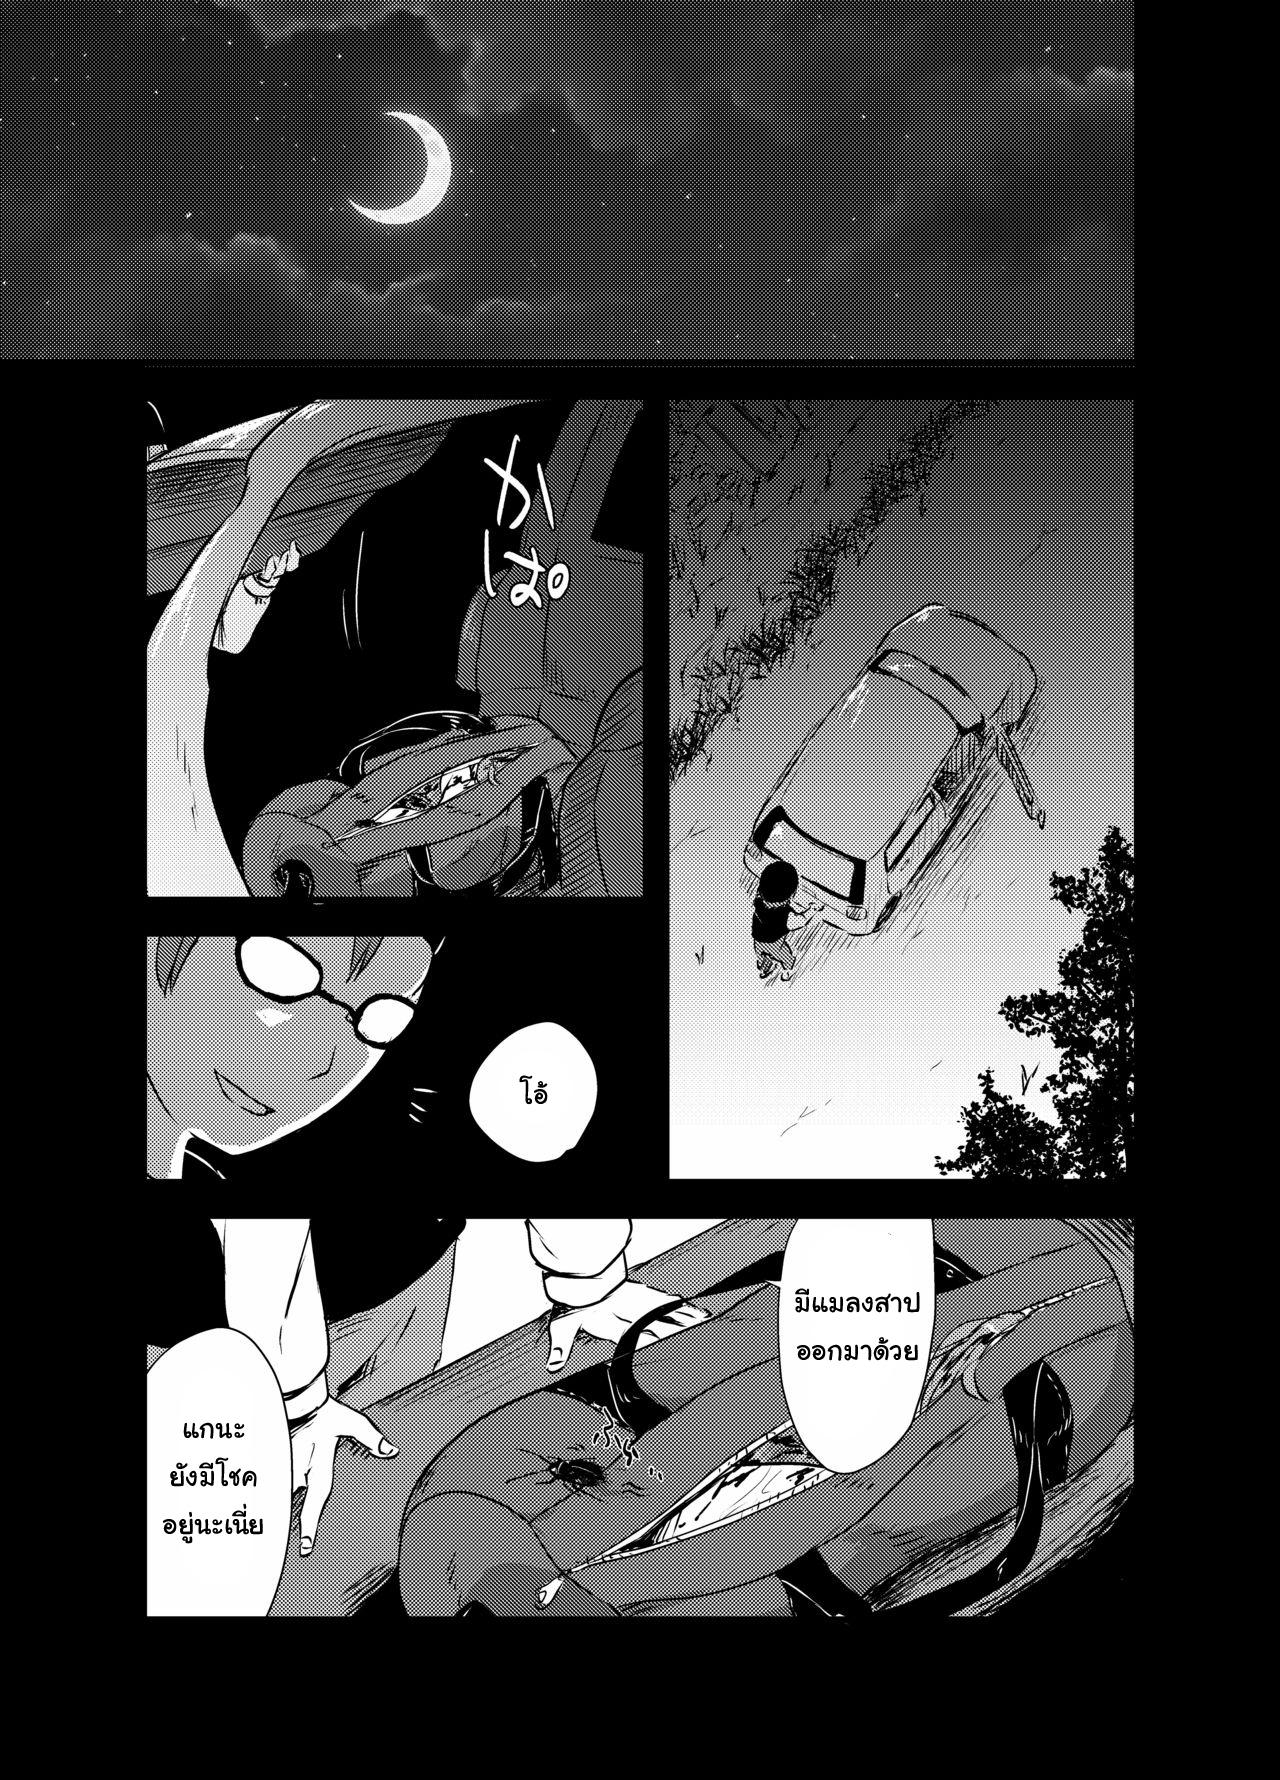 หนังสือวิธียัดแมลงสาปเข้าไปข้างในของซึมิเรโคะจัง ภาพ 28